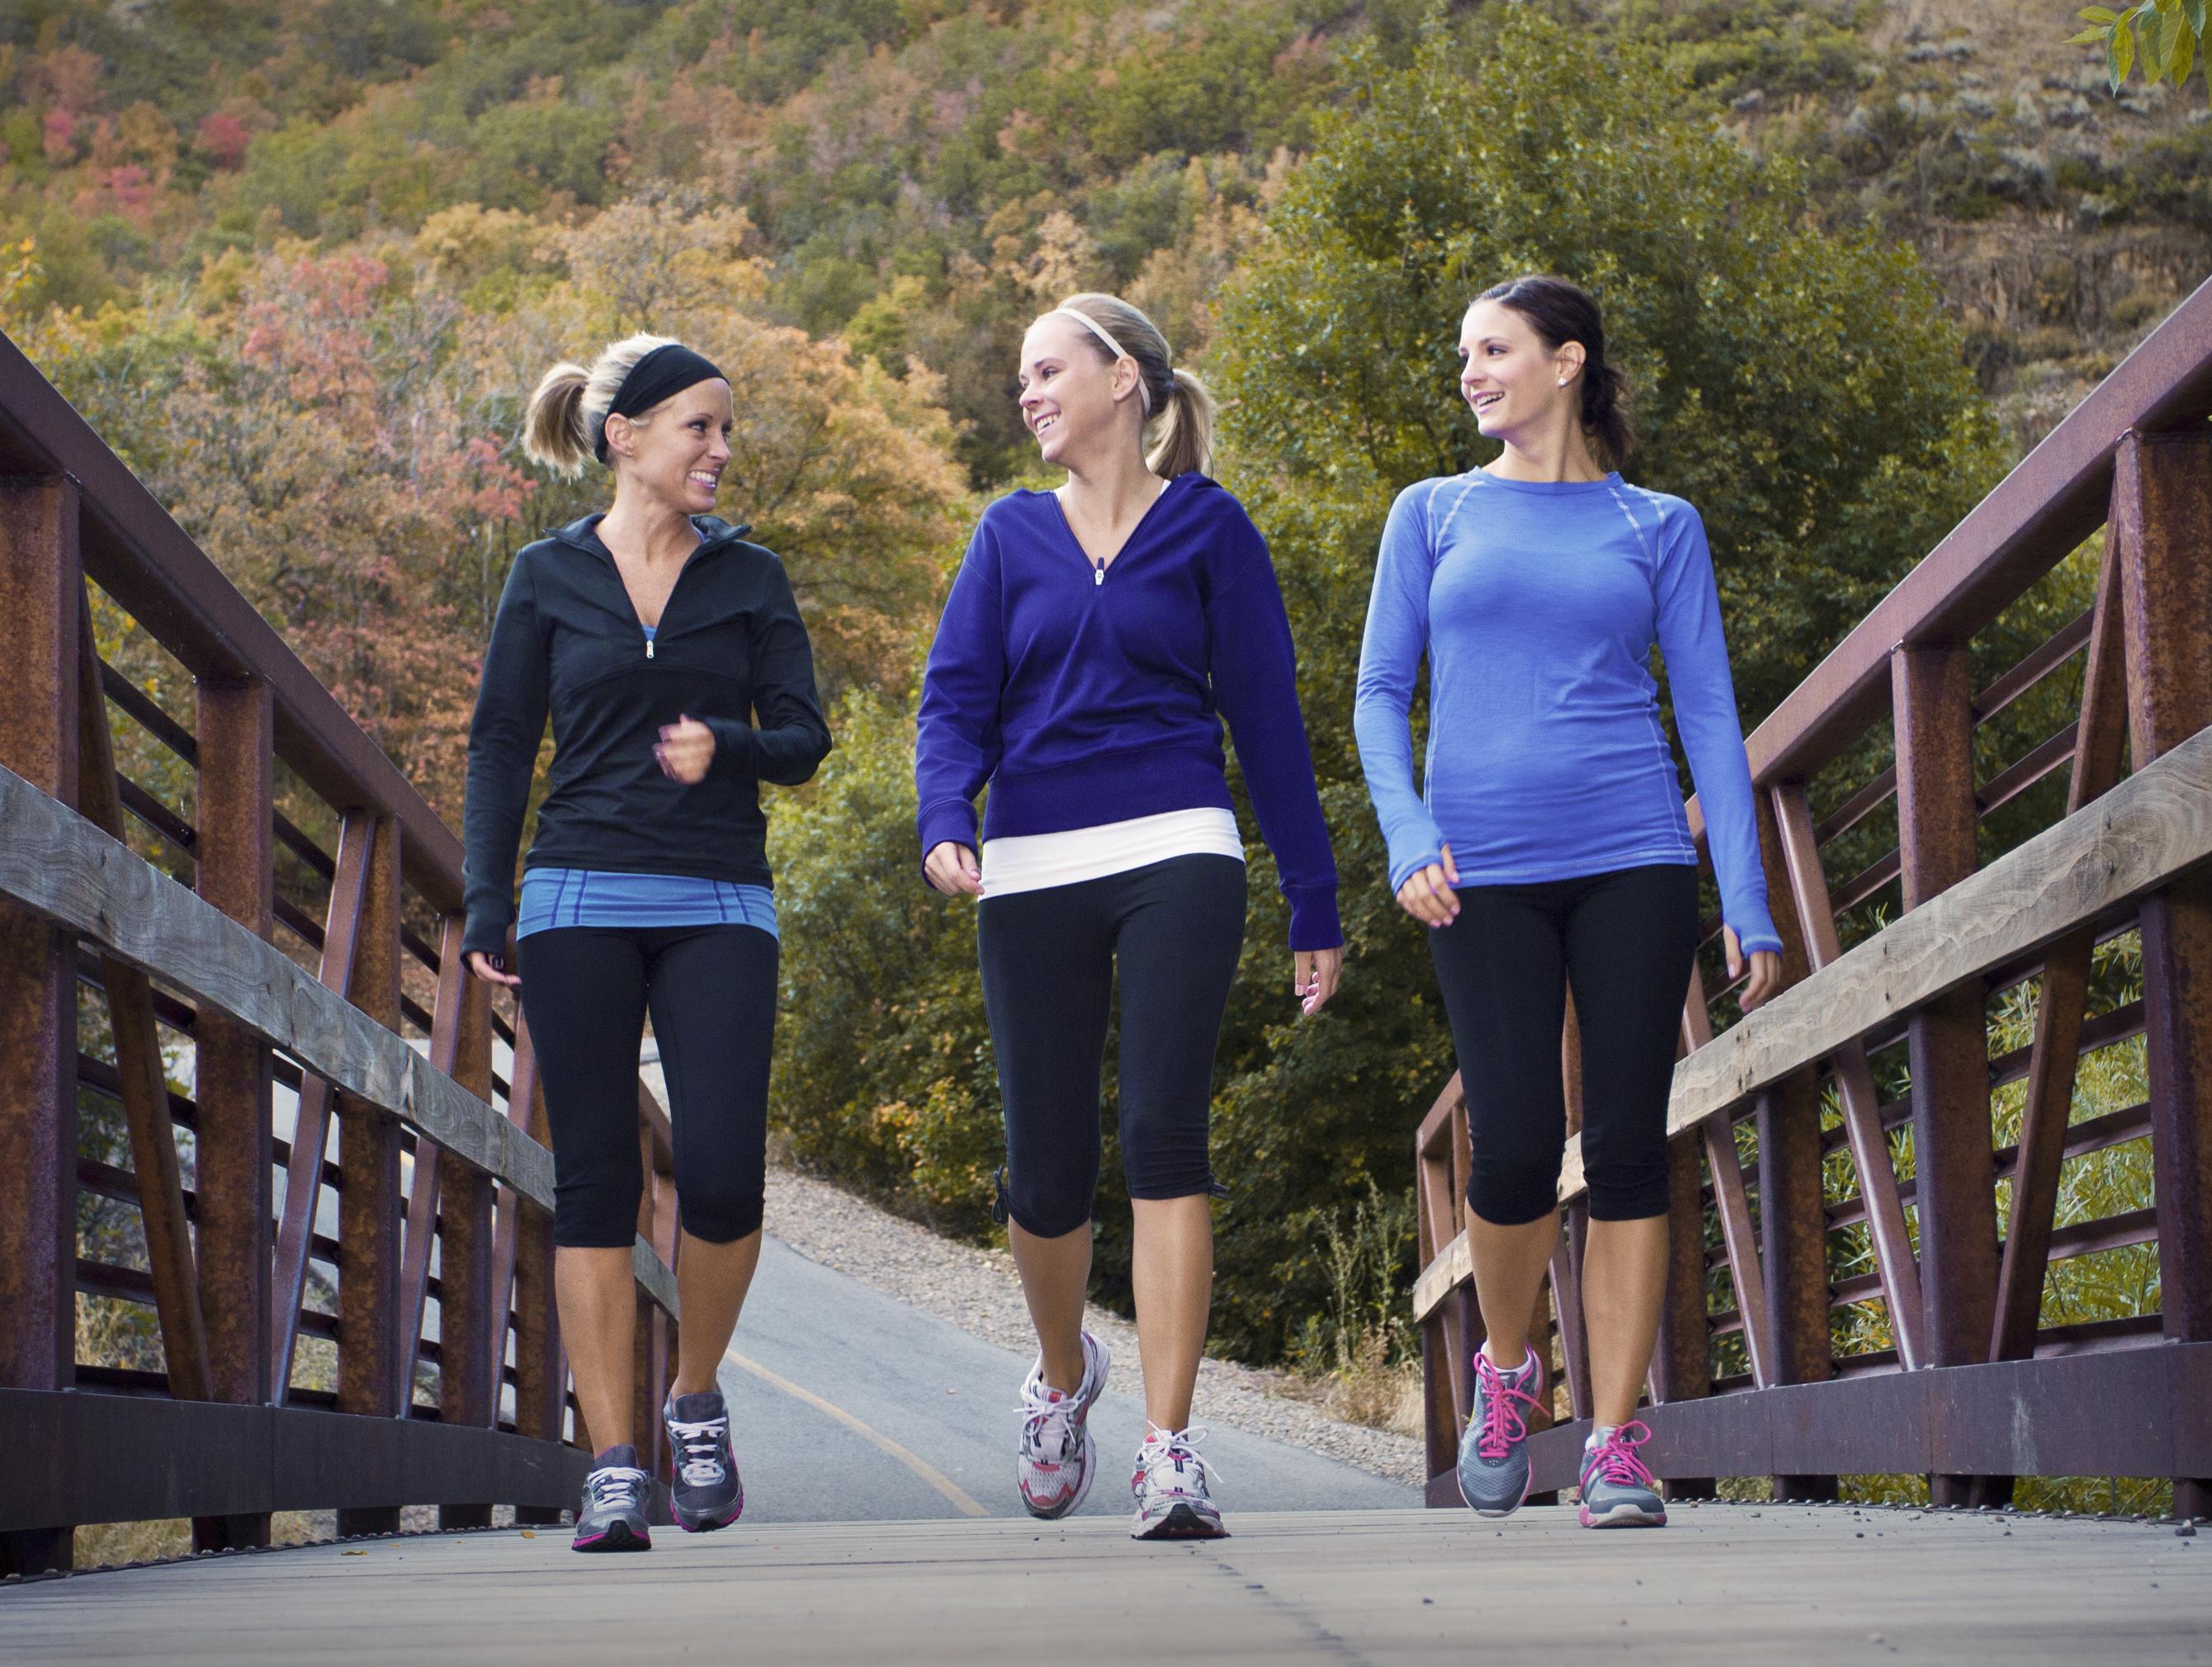 Träning hjälpte enligt forskarna till att minska risken för bröstcancer.